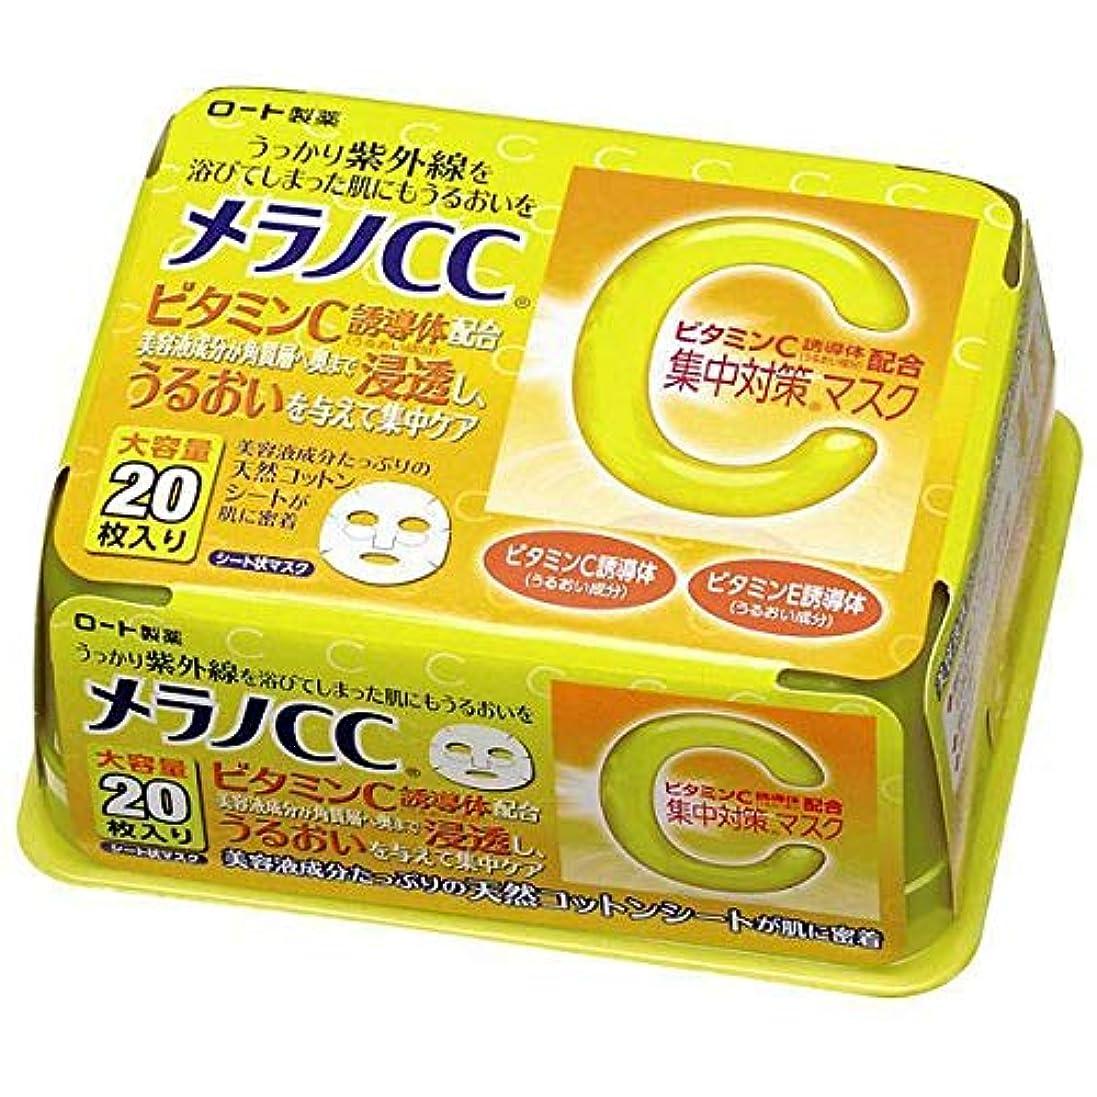 区別する国内の無視できる【お徳用】ロート製薬 メラノCC 集中対策マスク 20枚入 パック シートタイプ 大容量タイプ×24点セット (4987241135028)